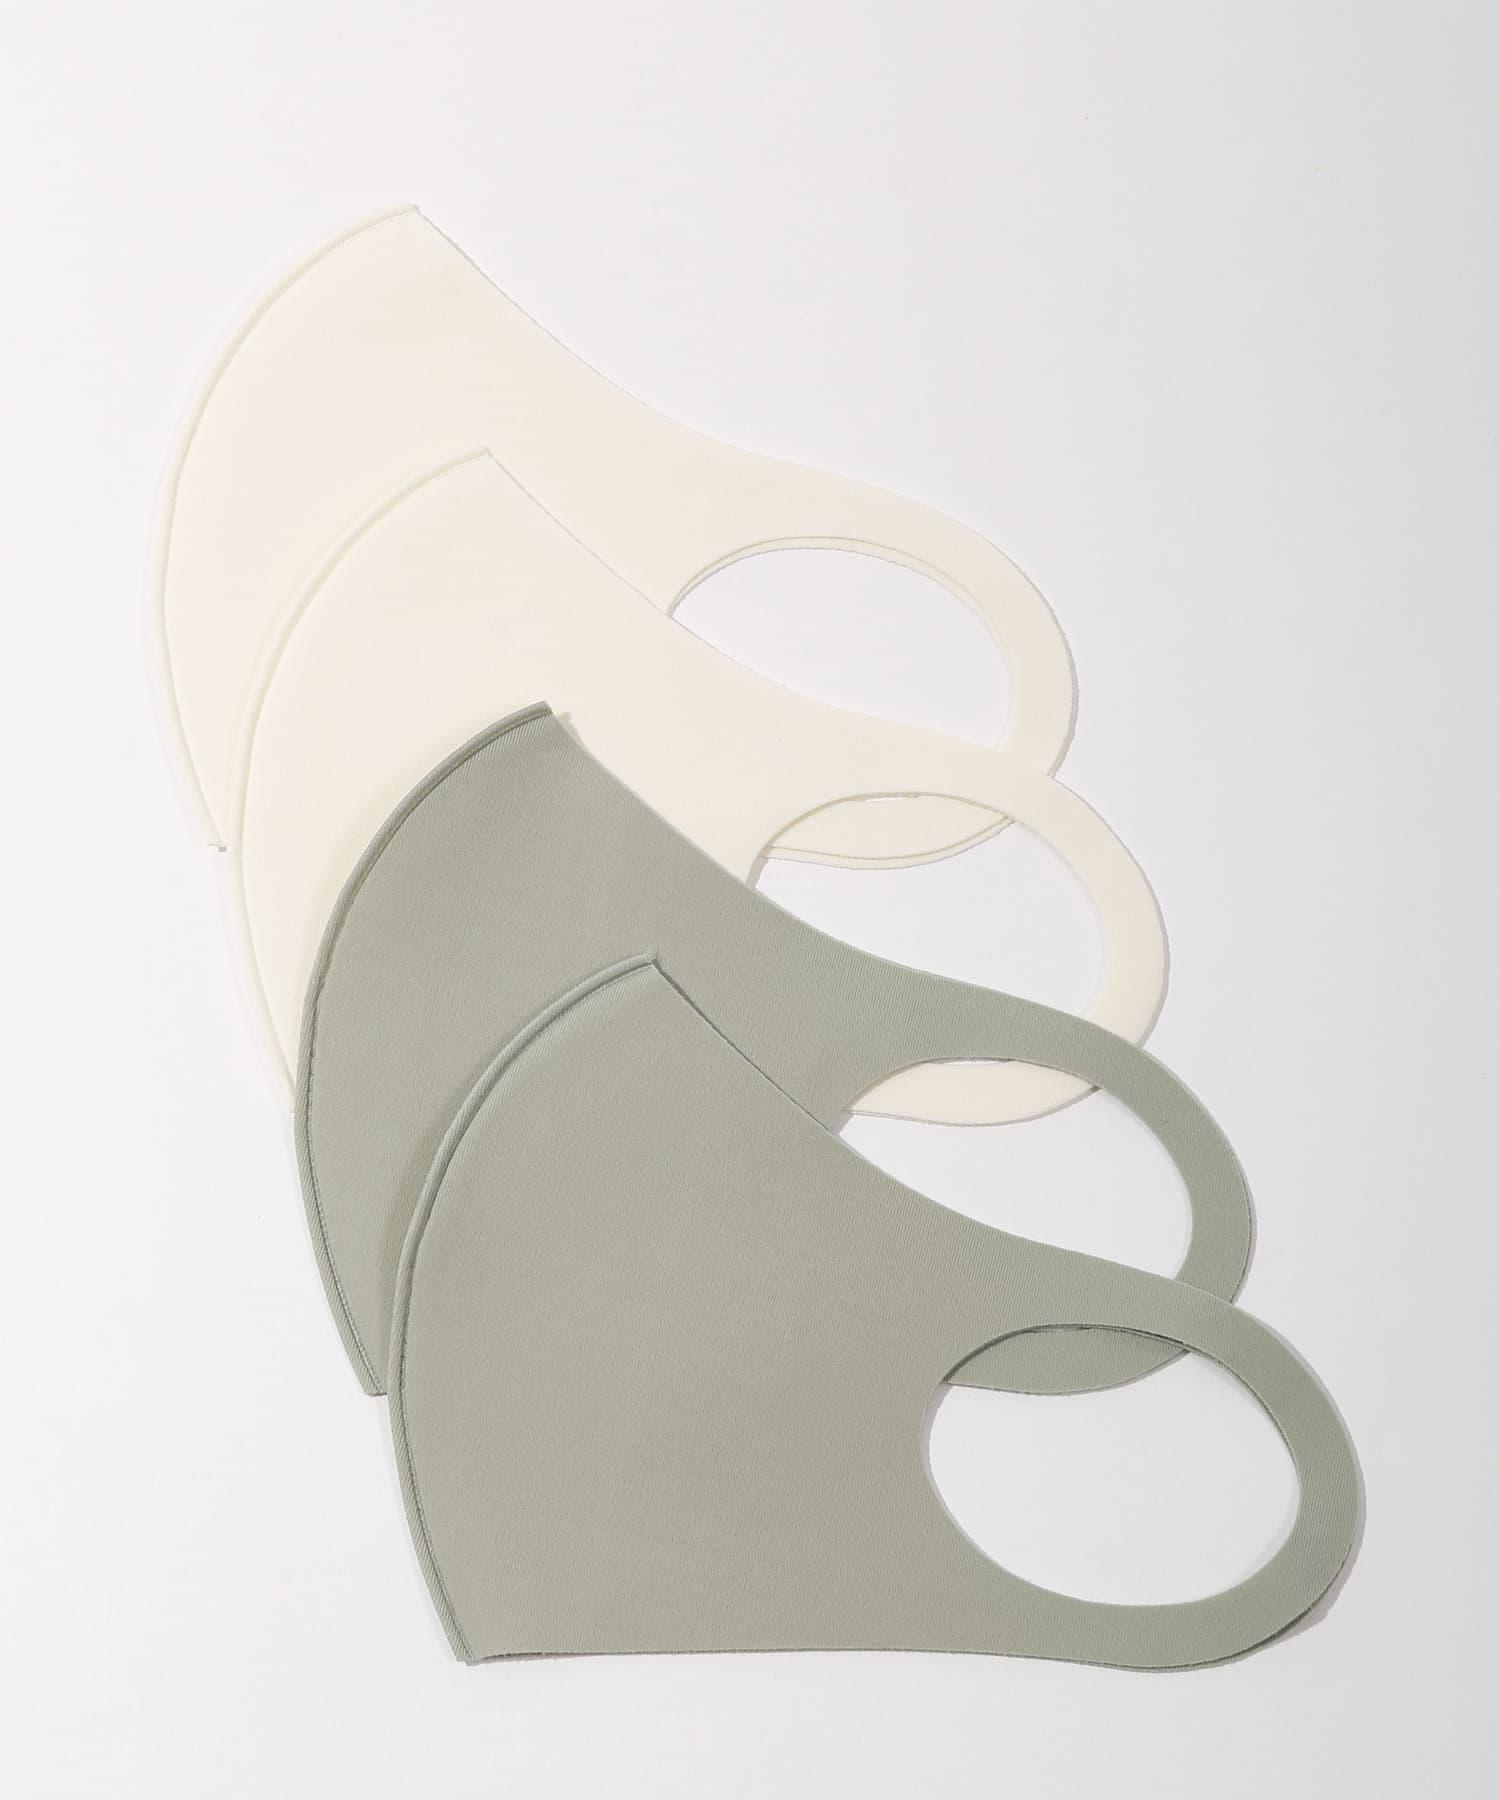 3COINS(スリーコインズ) ライフスタイル 冷感洗えるマスク4枚入【大人小さめ】 その他1